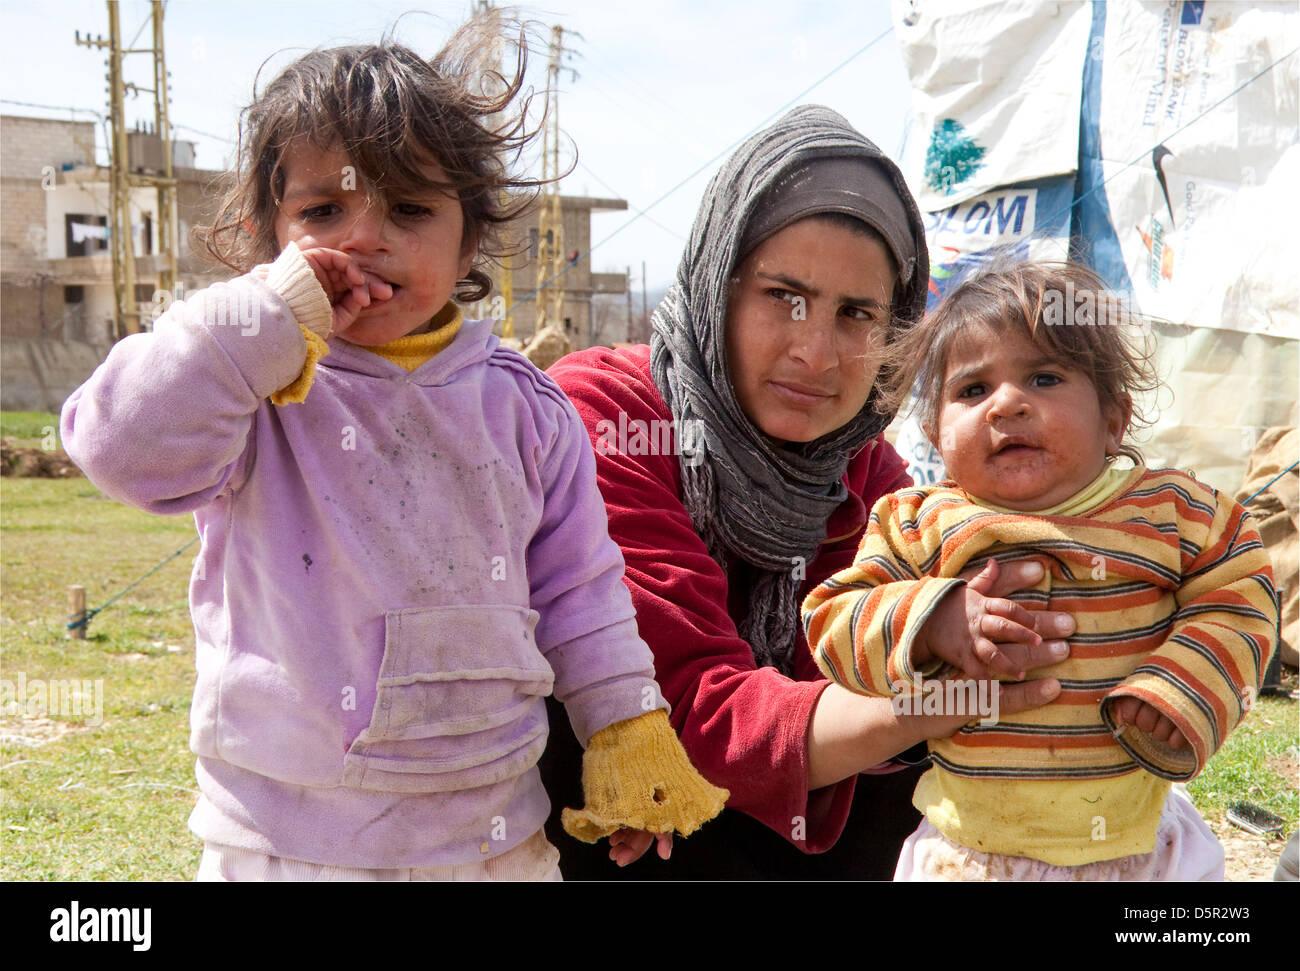 Familia de refugiados sirios, cerca del valle de Beqaa Líbano Imagen De Stock